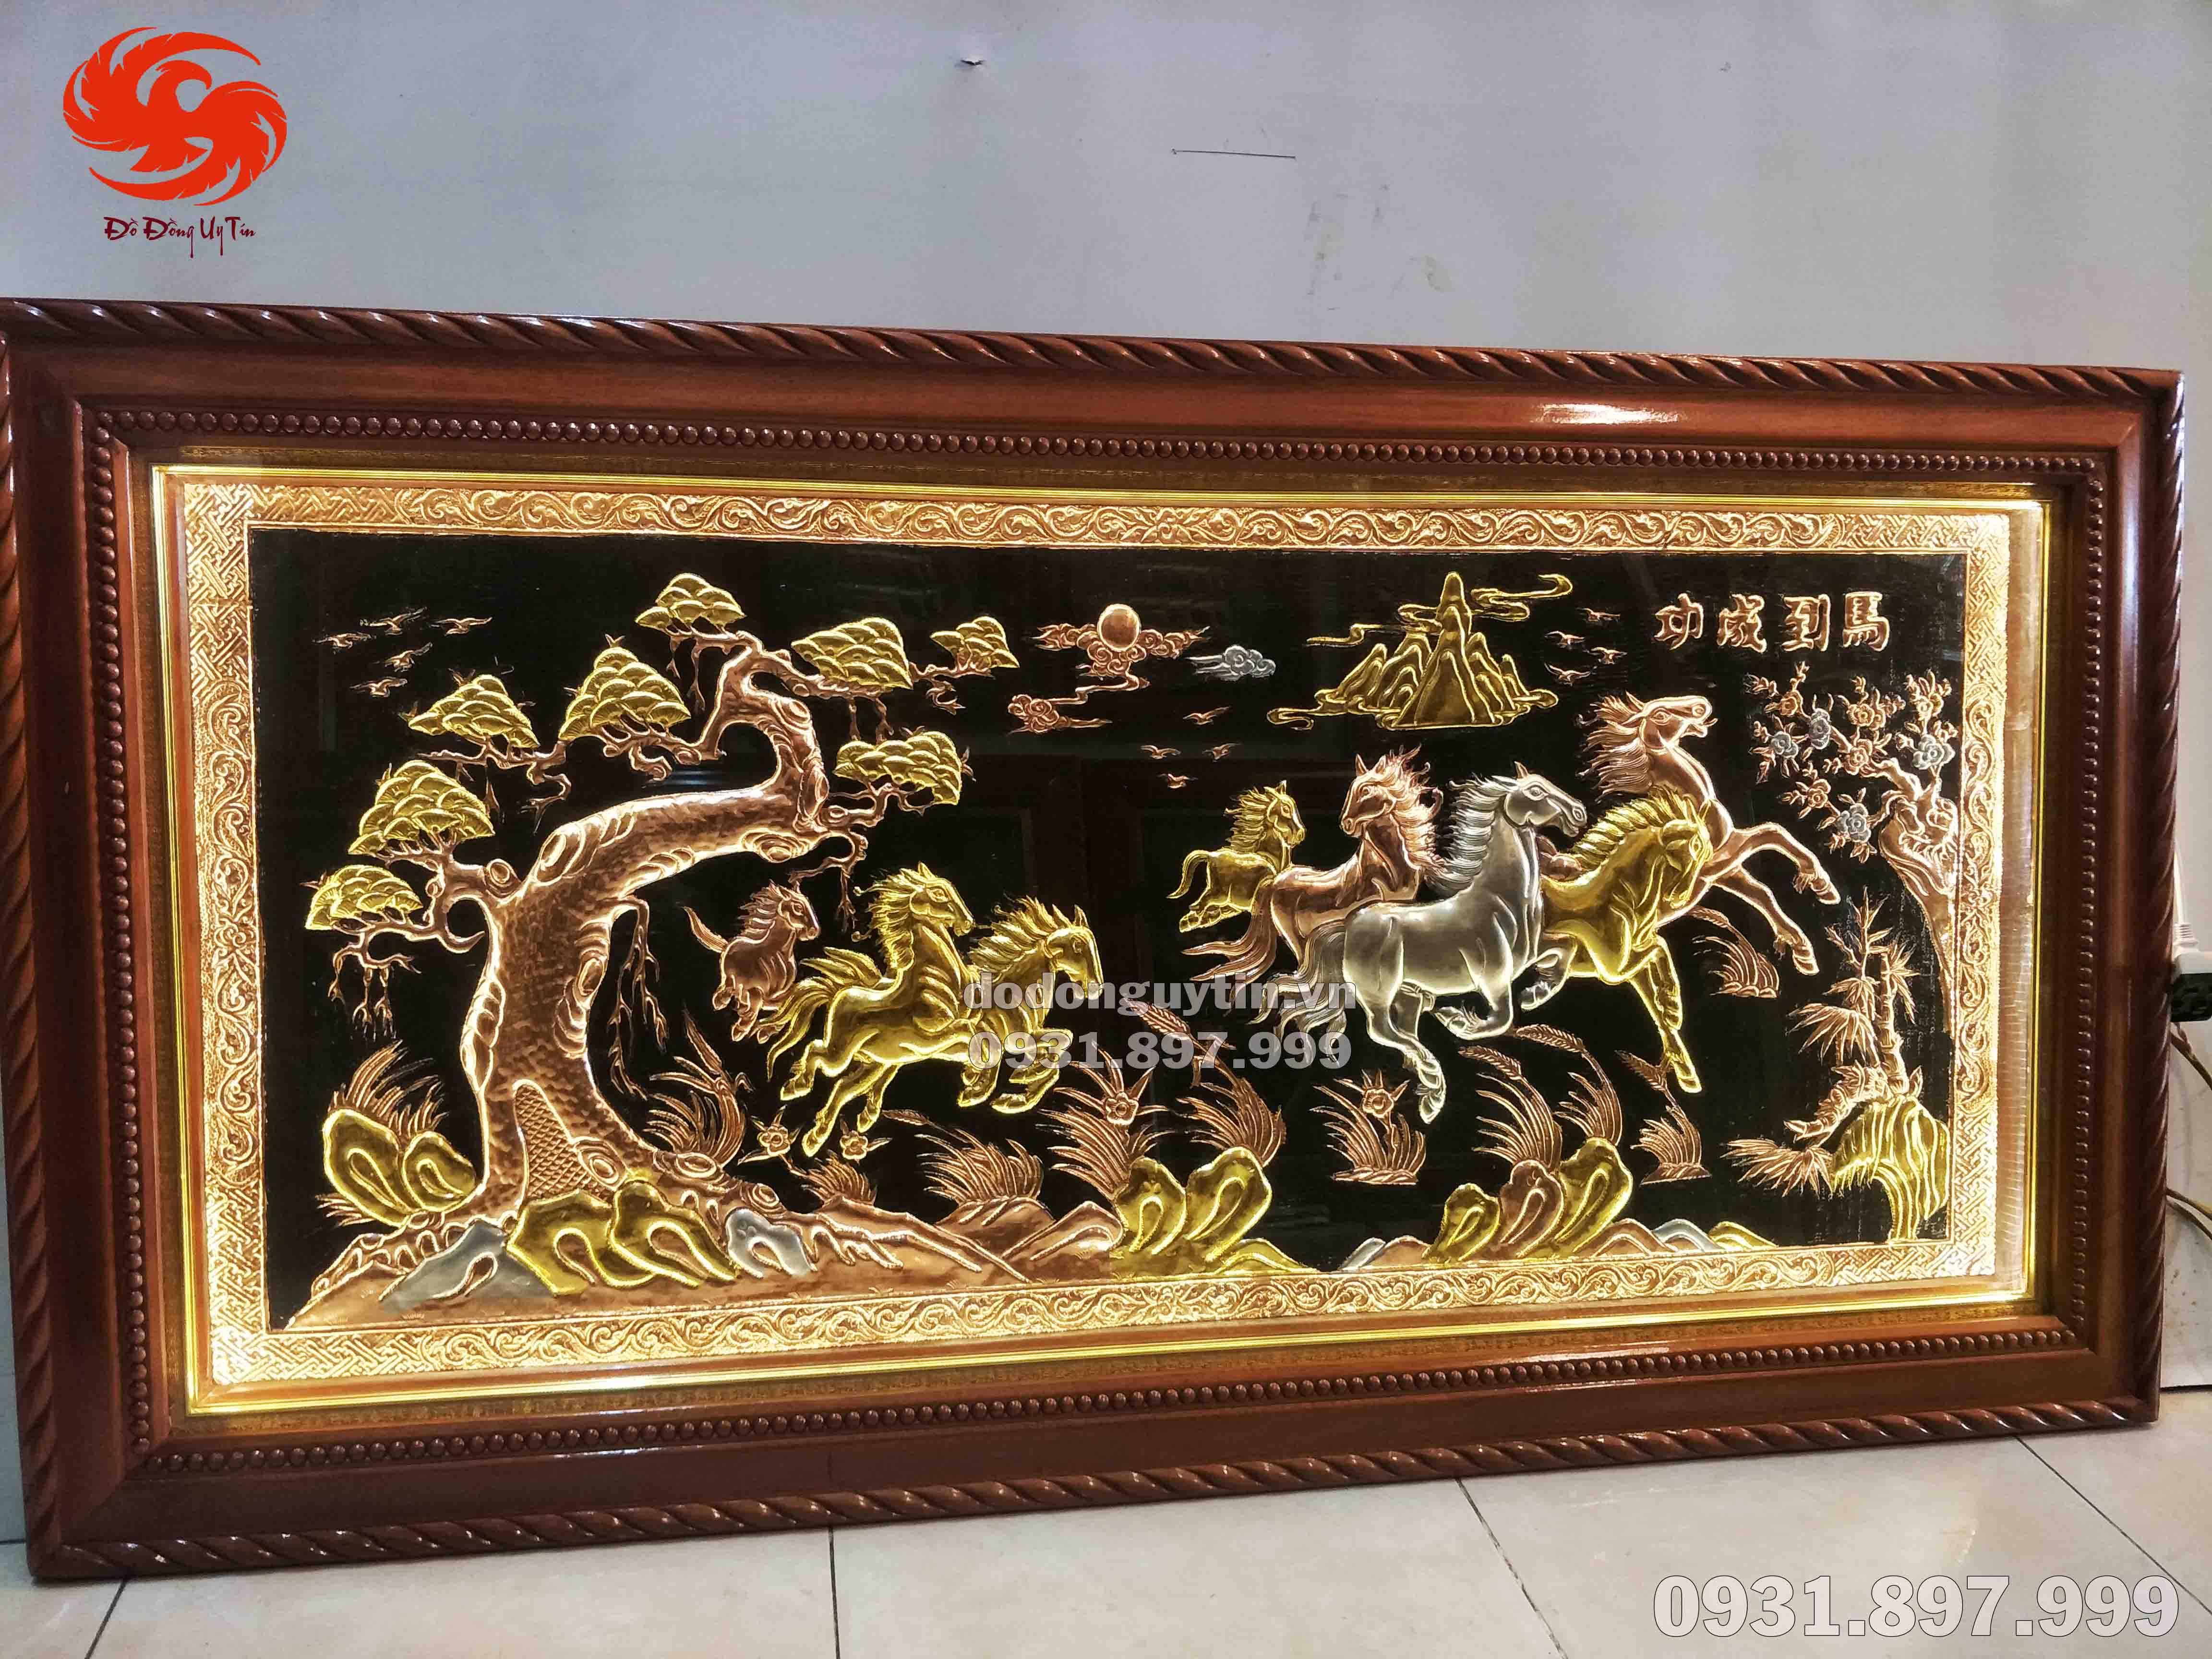 Bức tranh đồng mã đáo thành công dát vàng cao cấp.